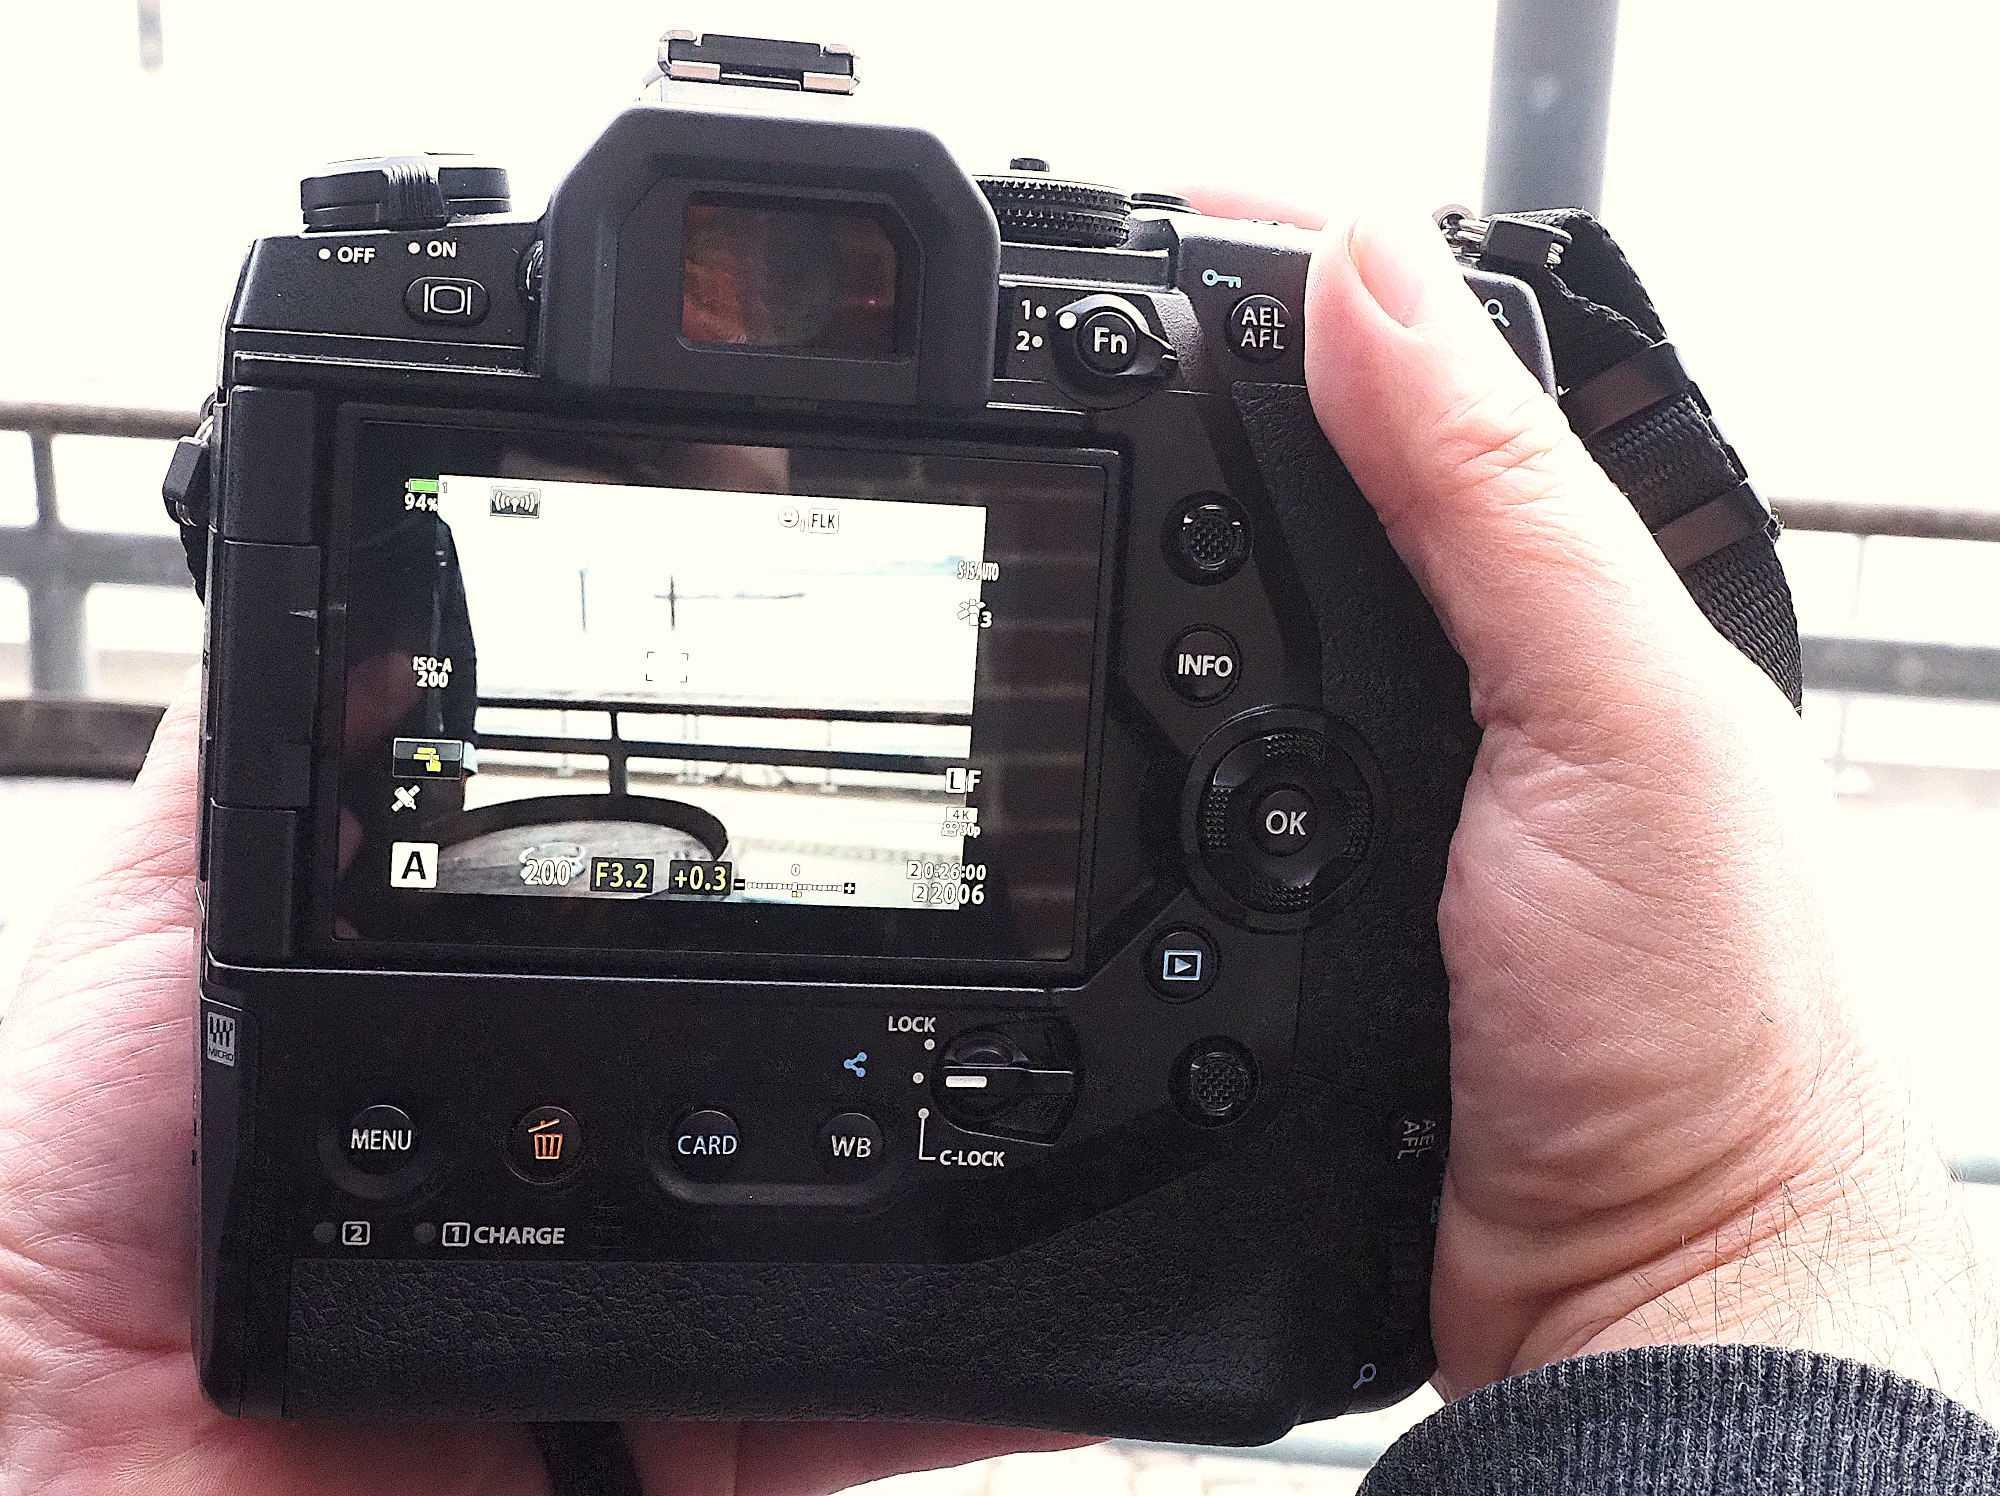 Die Kamera benötigt schon beide Hände, um sie zu halten. Allgemein liegt sie gut in der Hand, egal ob mit großen oder kleinen Händen.